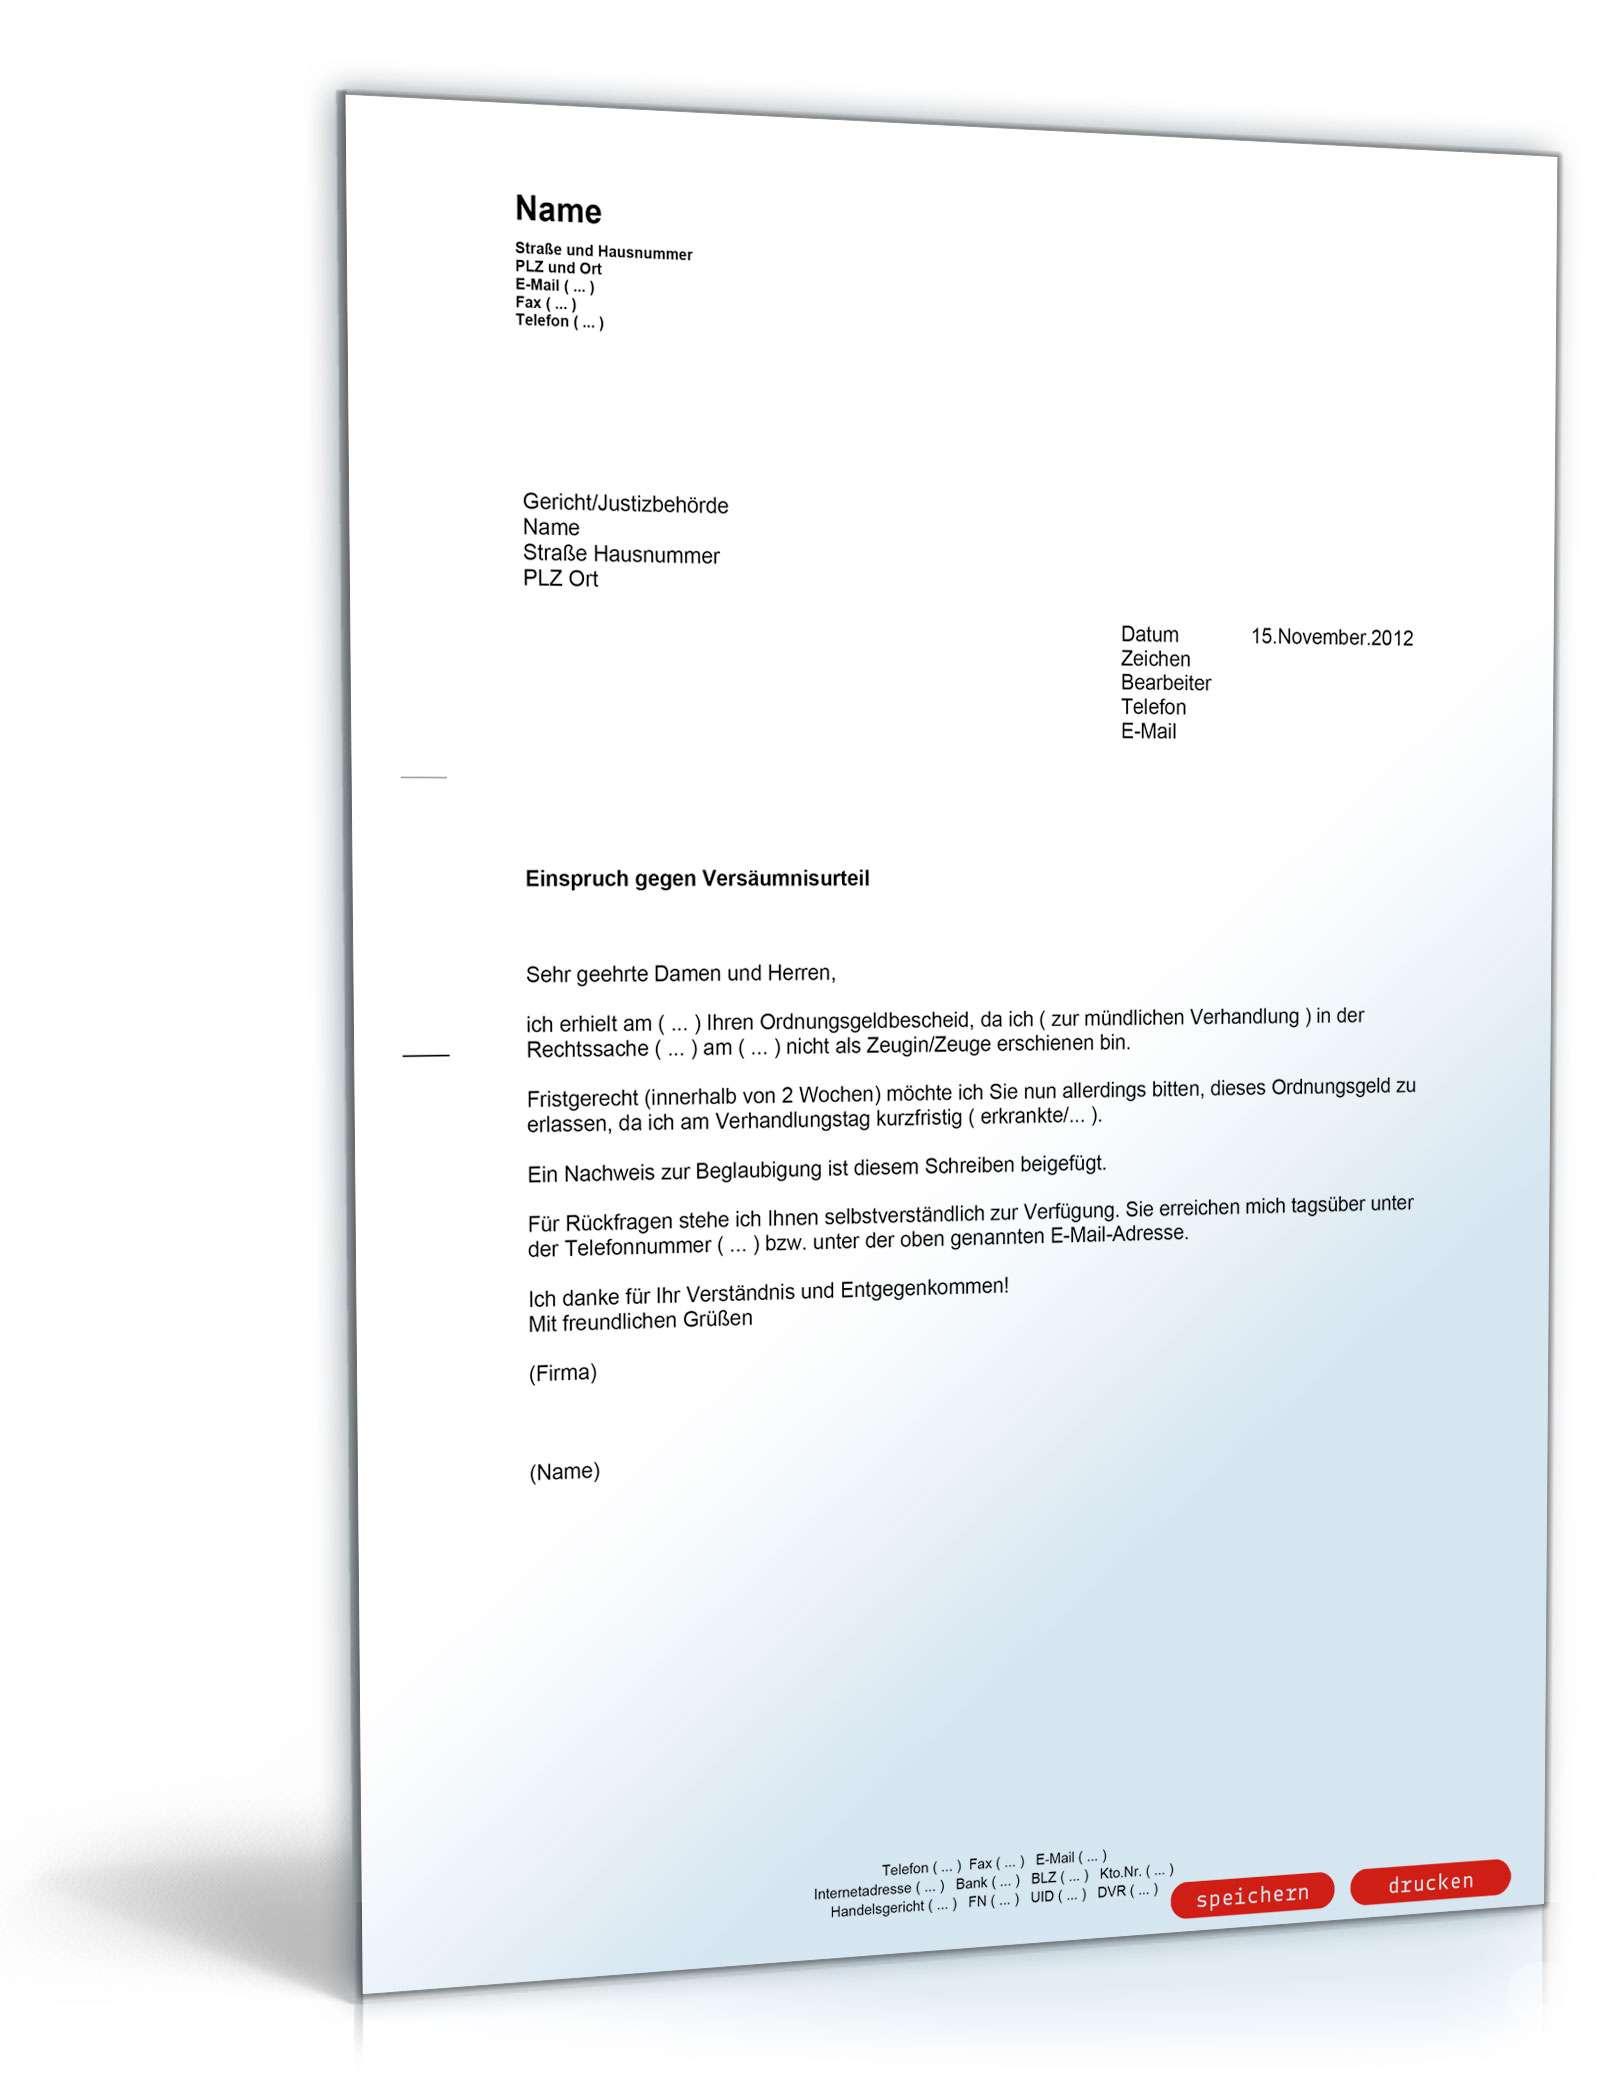 einspruch gegen ein deutsches ordnungsgeld - Einspruch Gegen Versaumnisurteil Muster